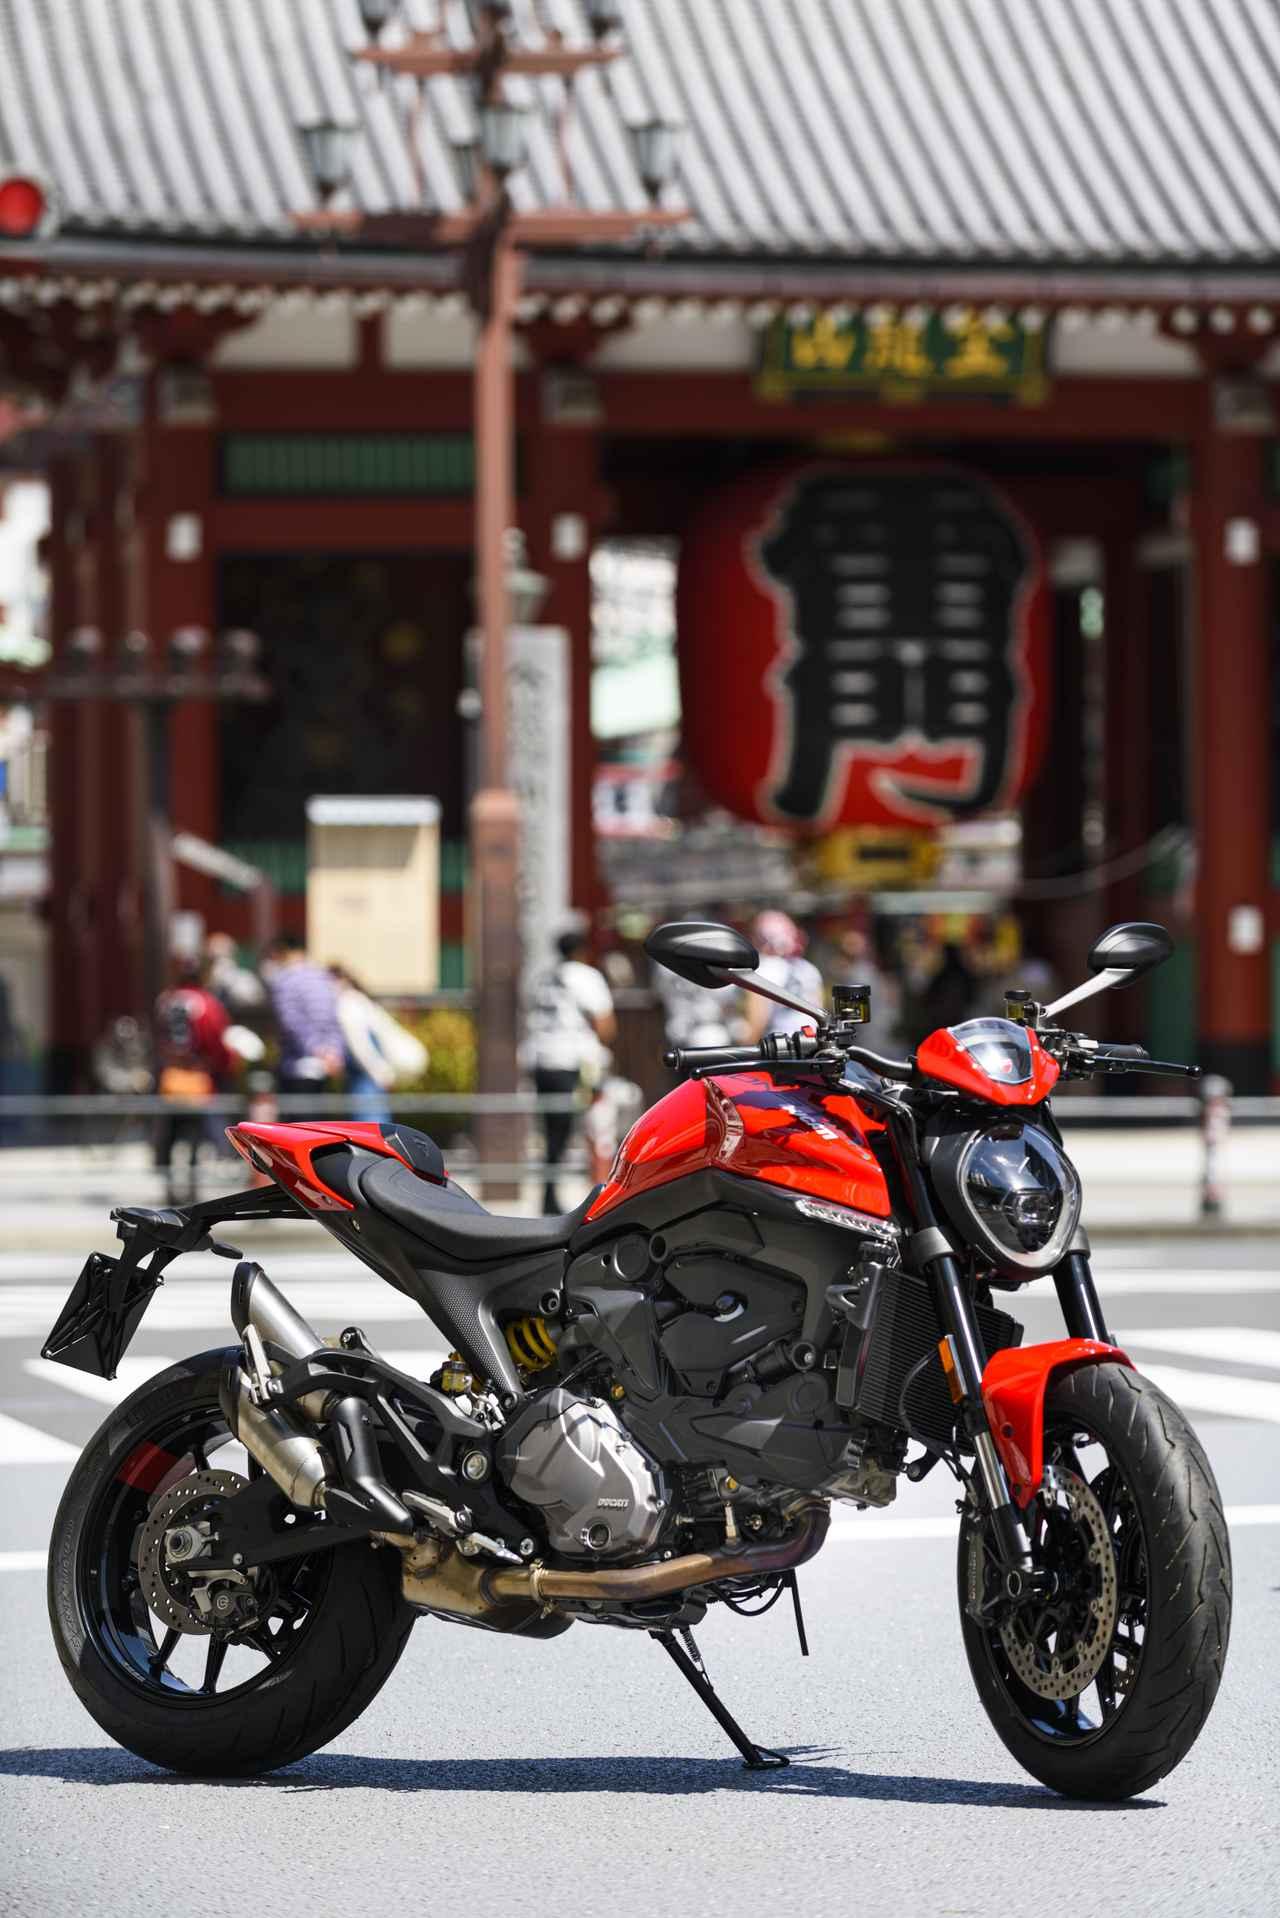 画像: 全てが刷新され、想像を絶するパフォーマンスを発揮するNEWモンスターが日本の街を走り出すまで、あと僅か。